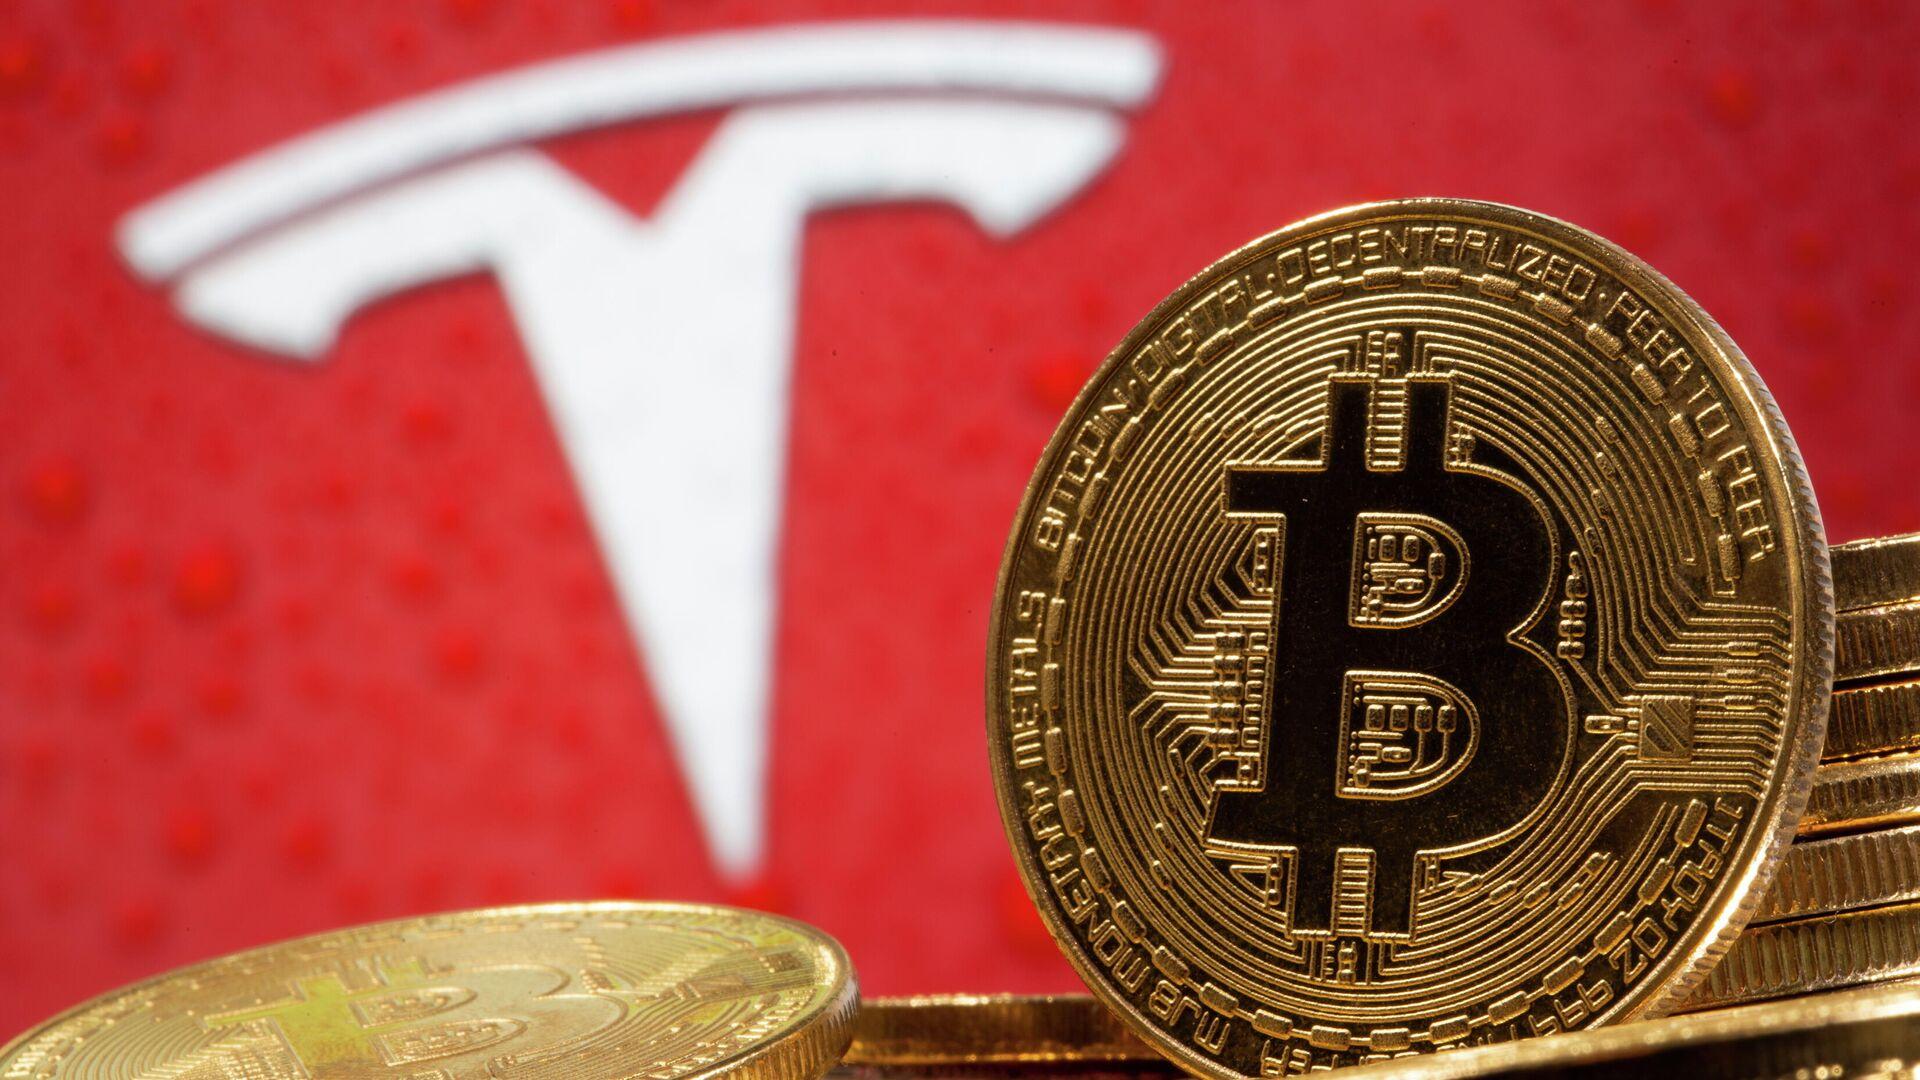 Стоимость биткоина впервые превысила 60 тысяч долларов